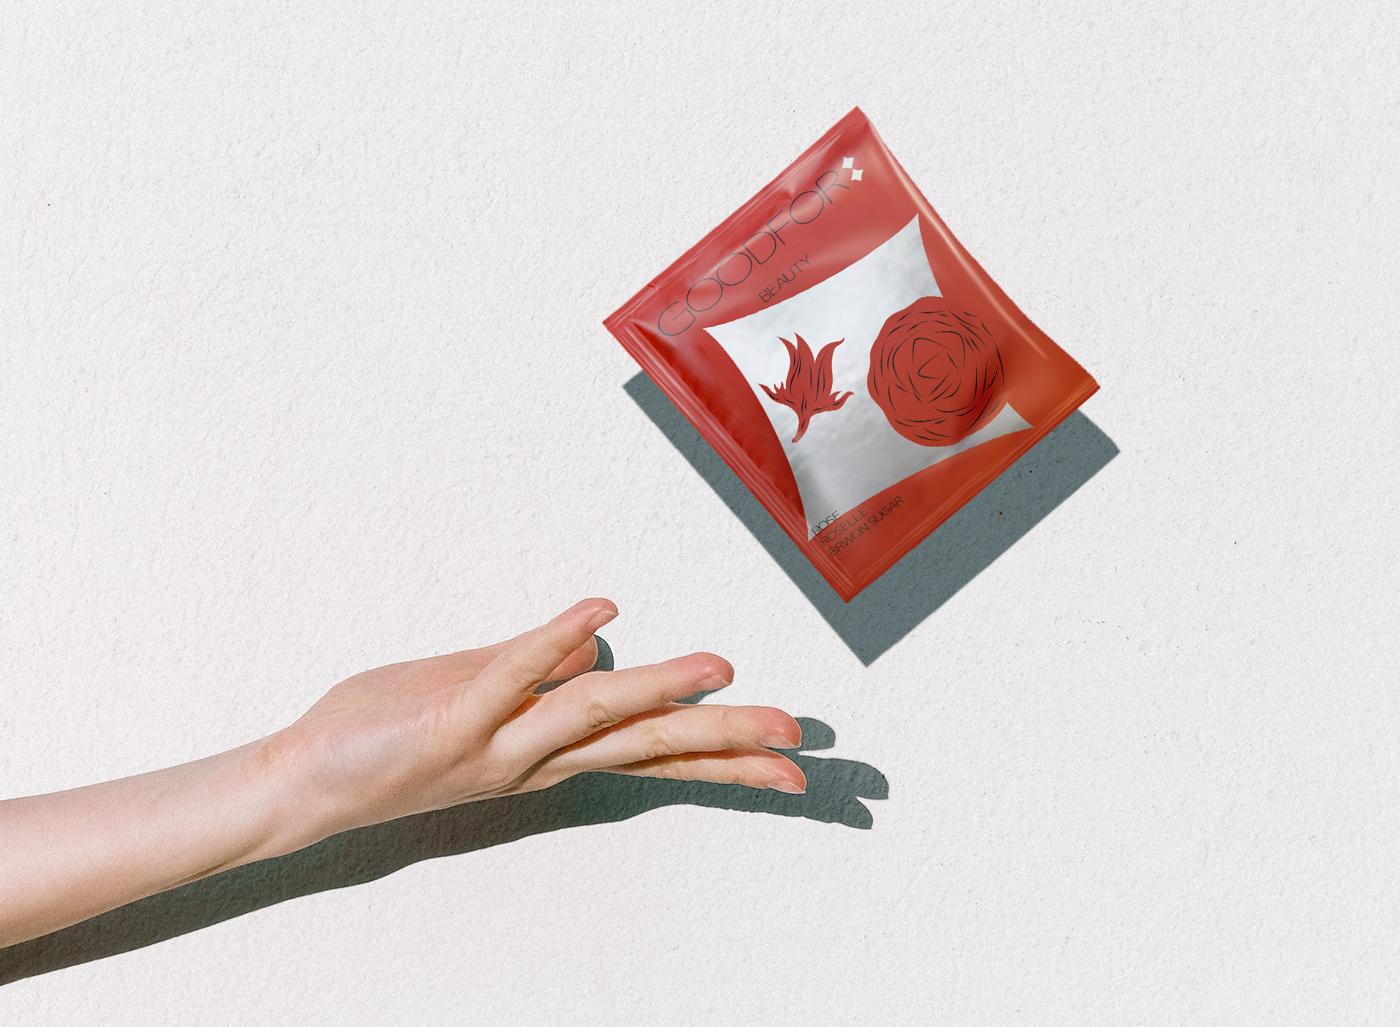 汉方养生茶系列包装设计,传统养生新活力